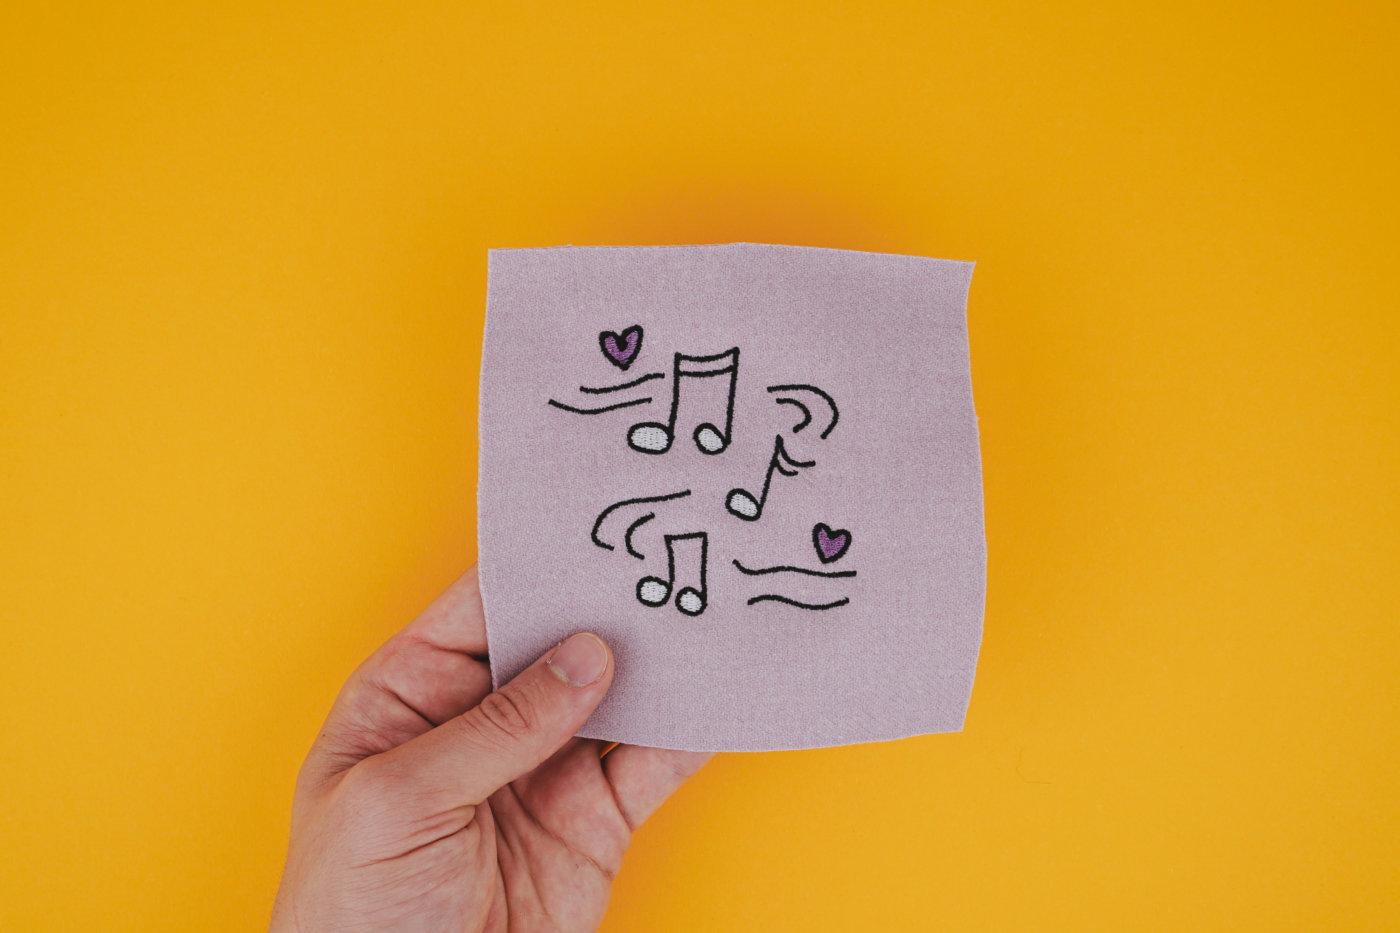 Stickdatei Musik / Noten stickdatei musik Musik 🎶 stickdatei noten musik 02 1400x933